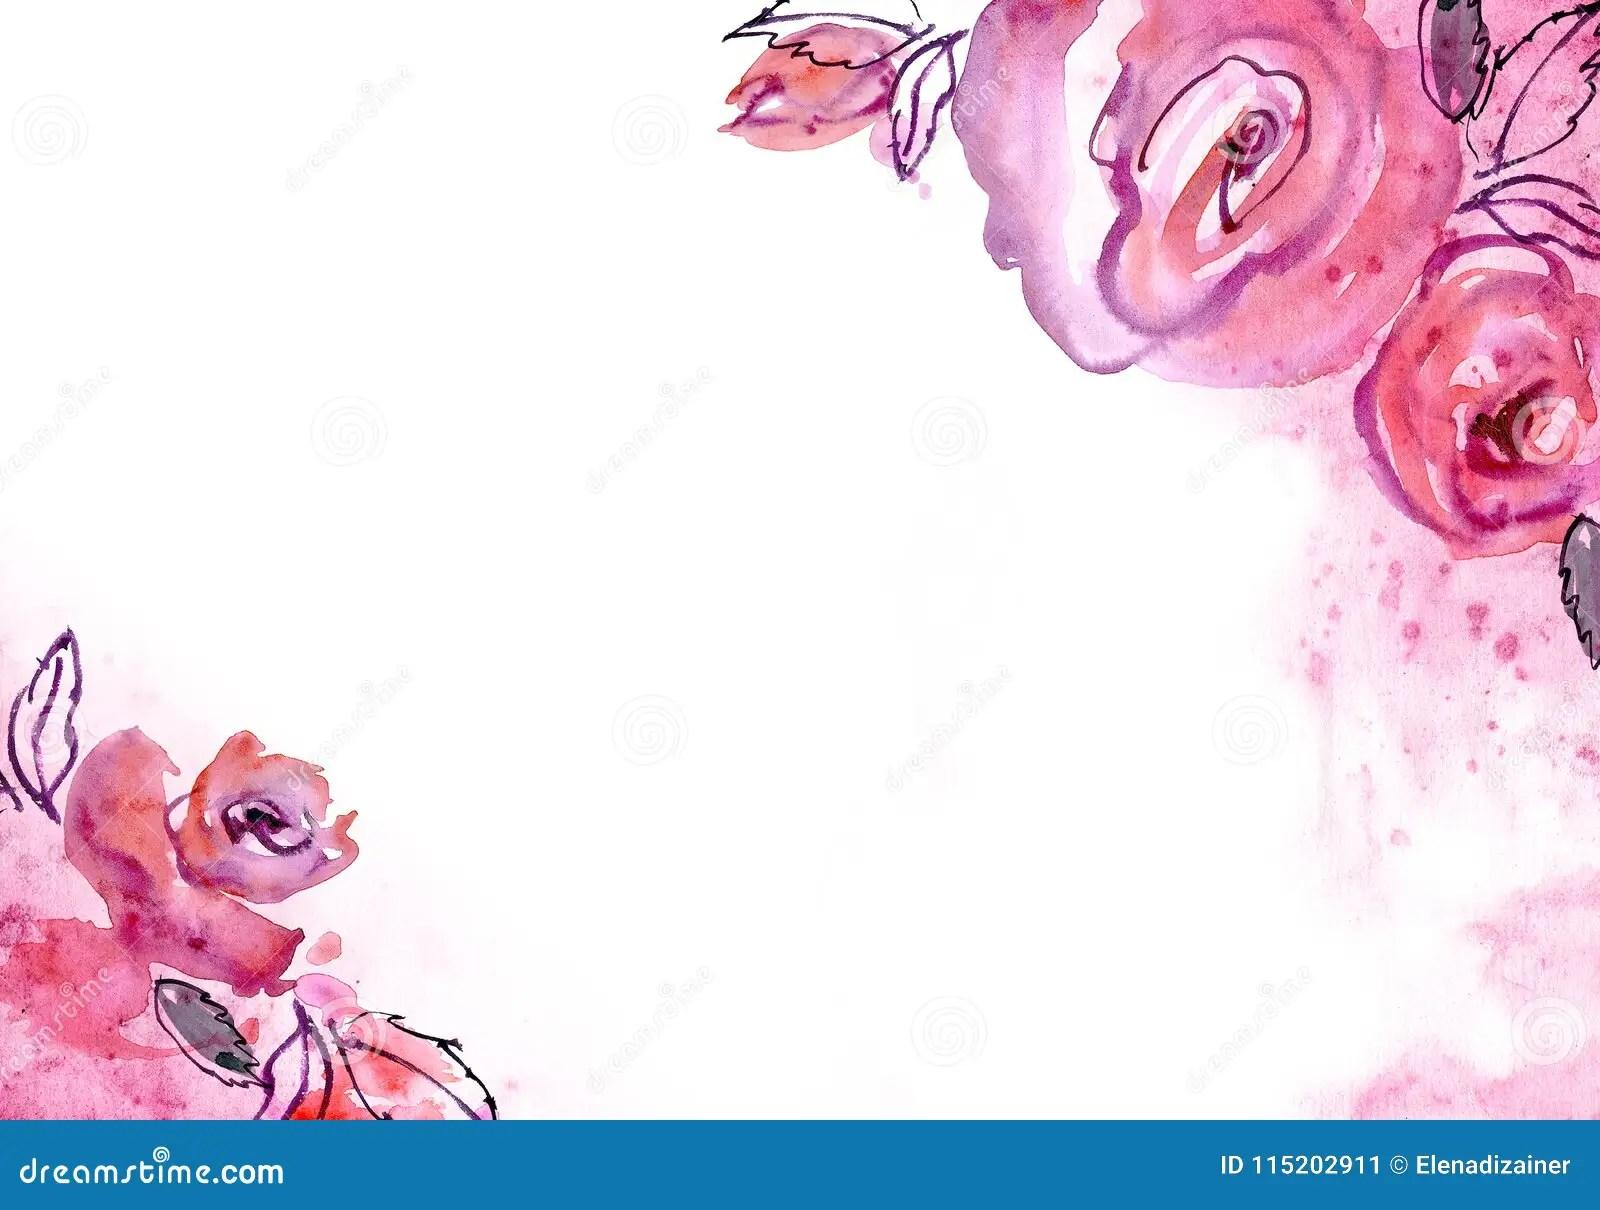 https fr dreamstime com fond mignon fleur d aquarelle invitation carte mariage anniversaire image115202911